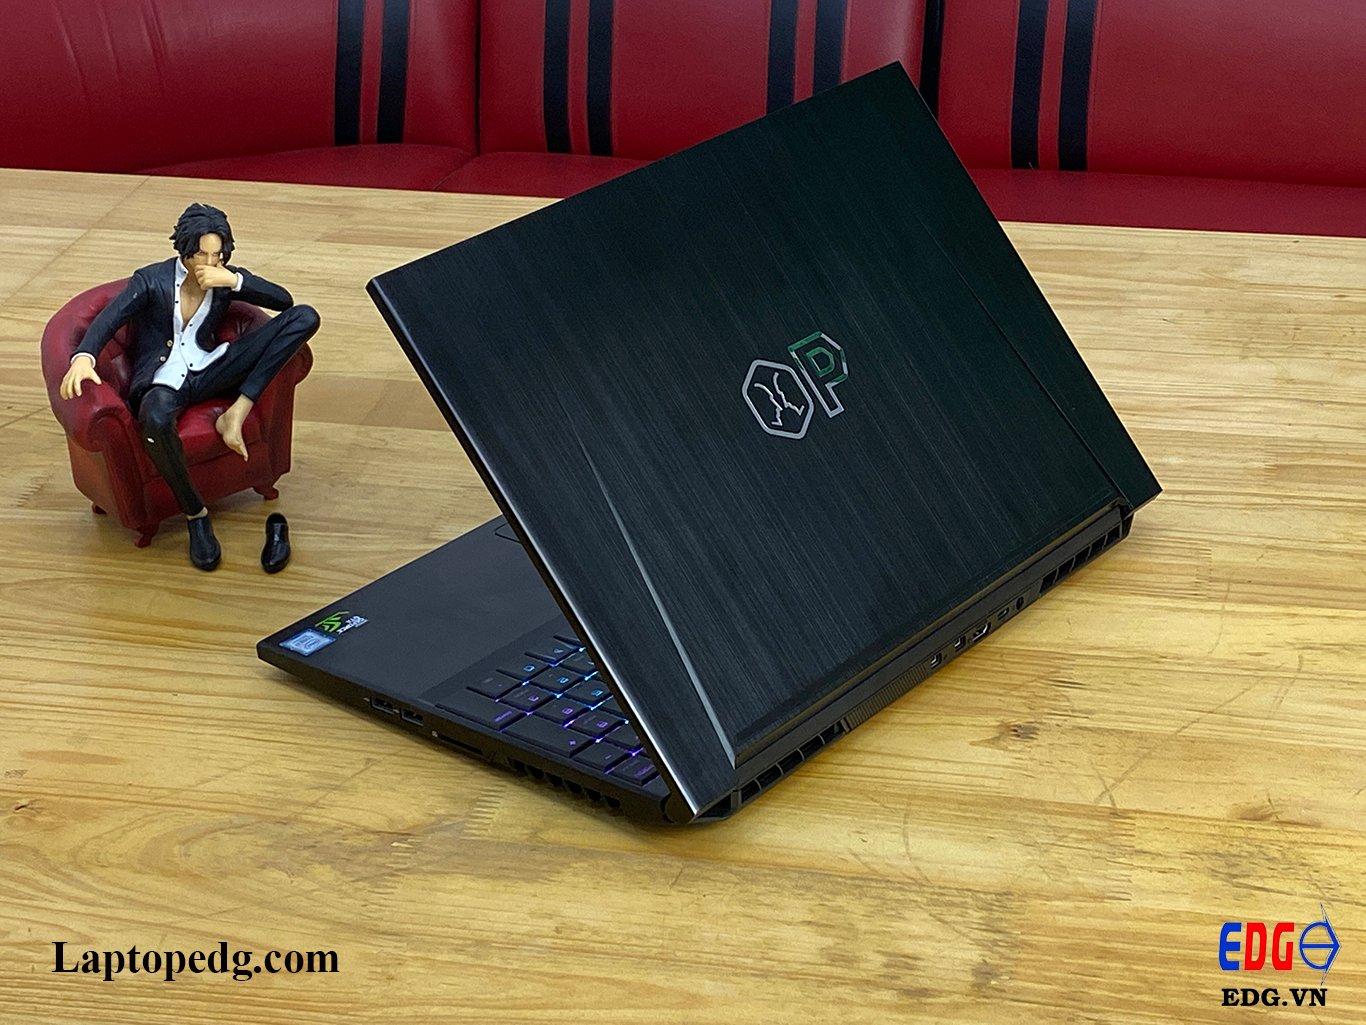 Laptop Gaming OverPower LP2 thì có khả năng nâng cấp được không ?